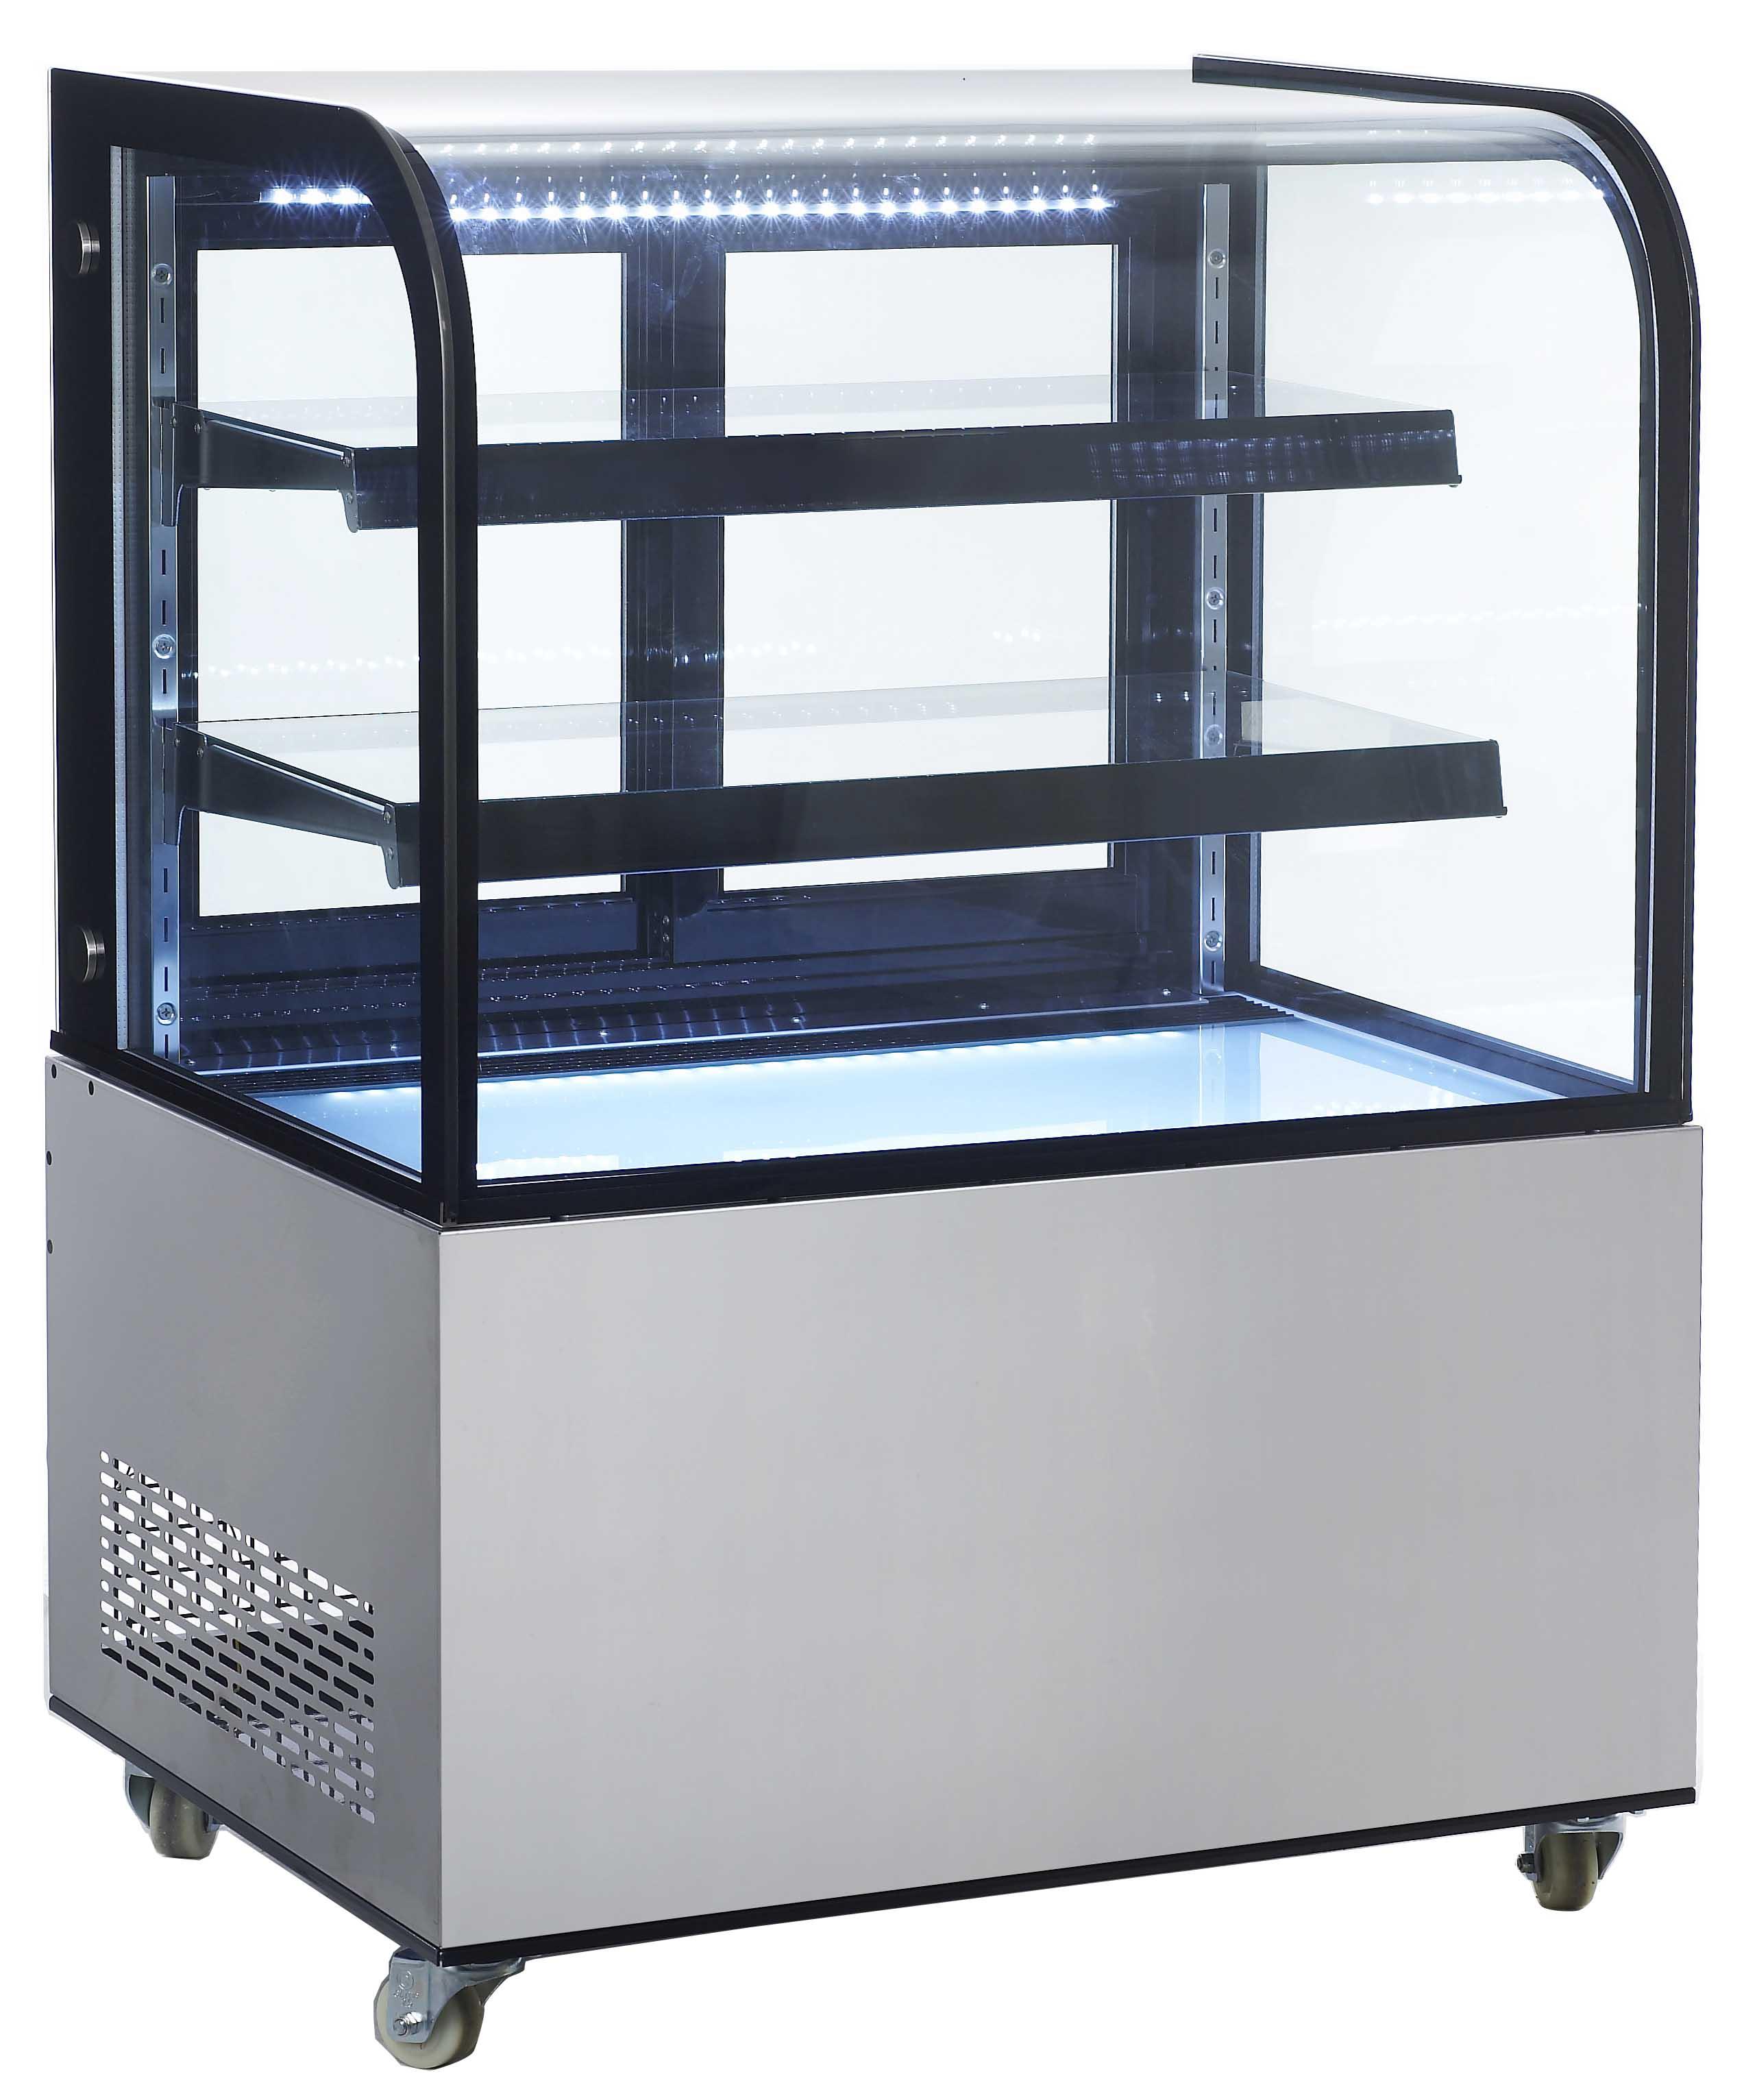 williams refrigeration display of refrigerator area industrial unique bommasandra countertop